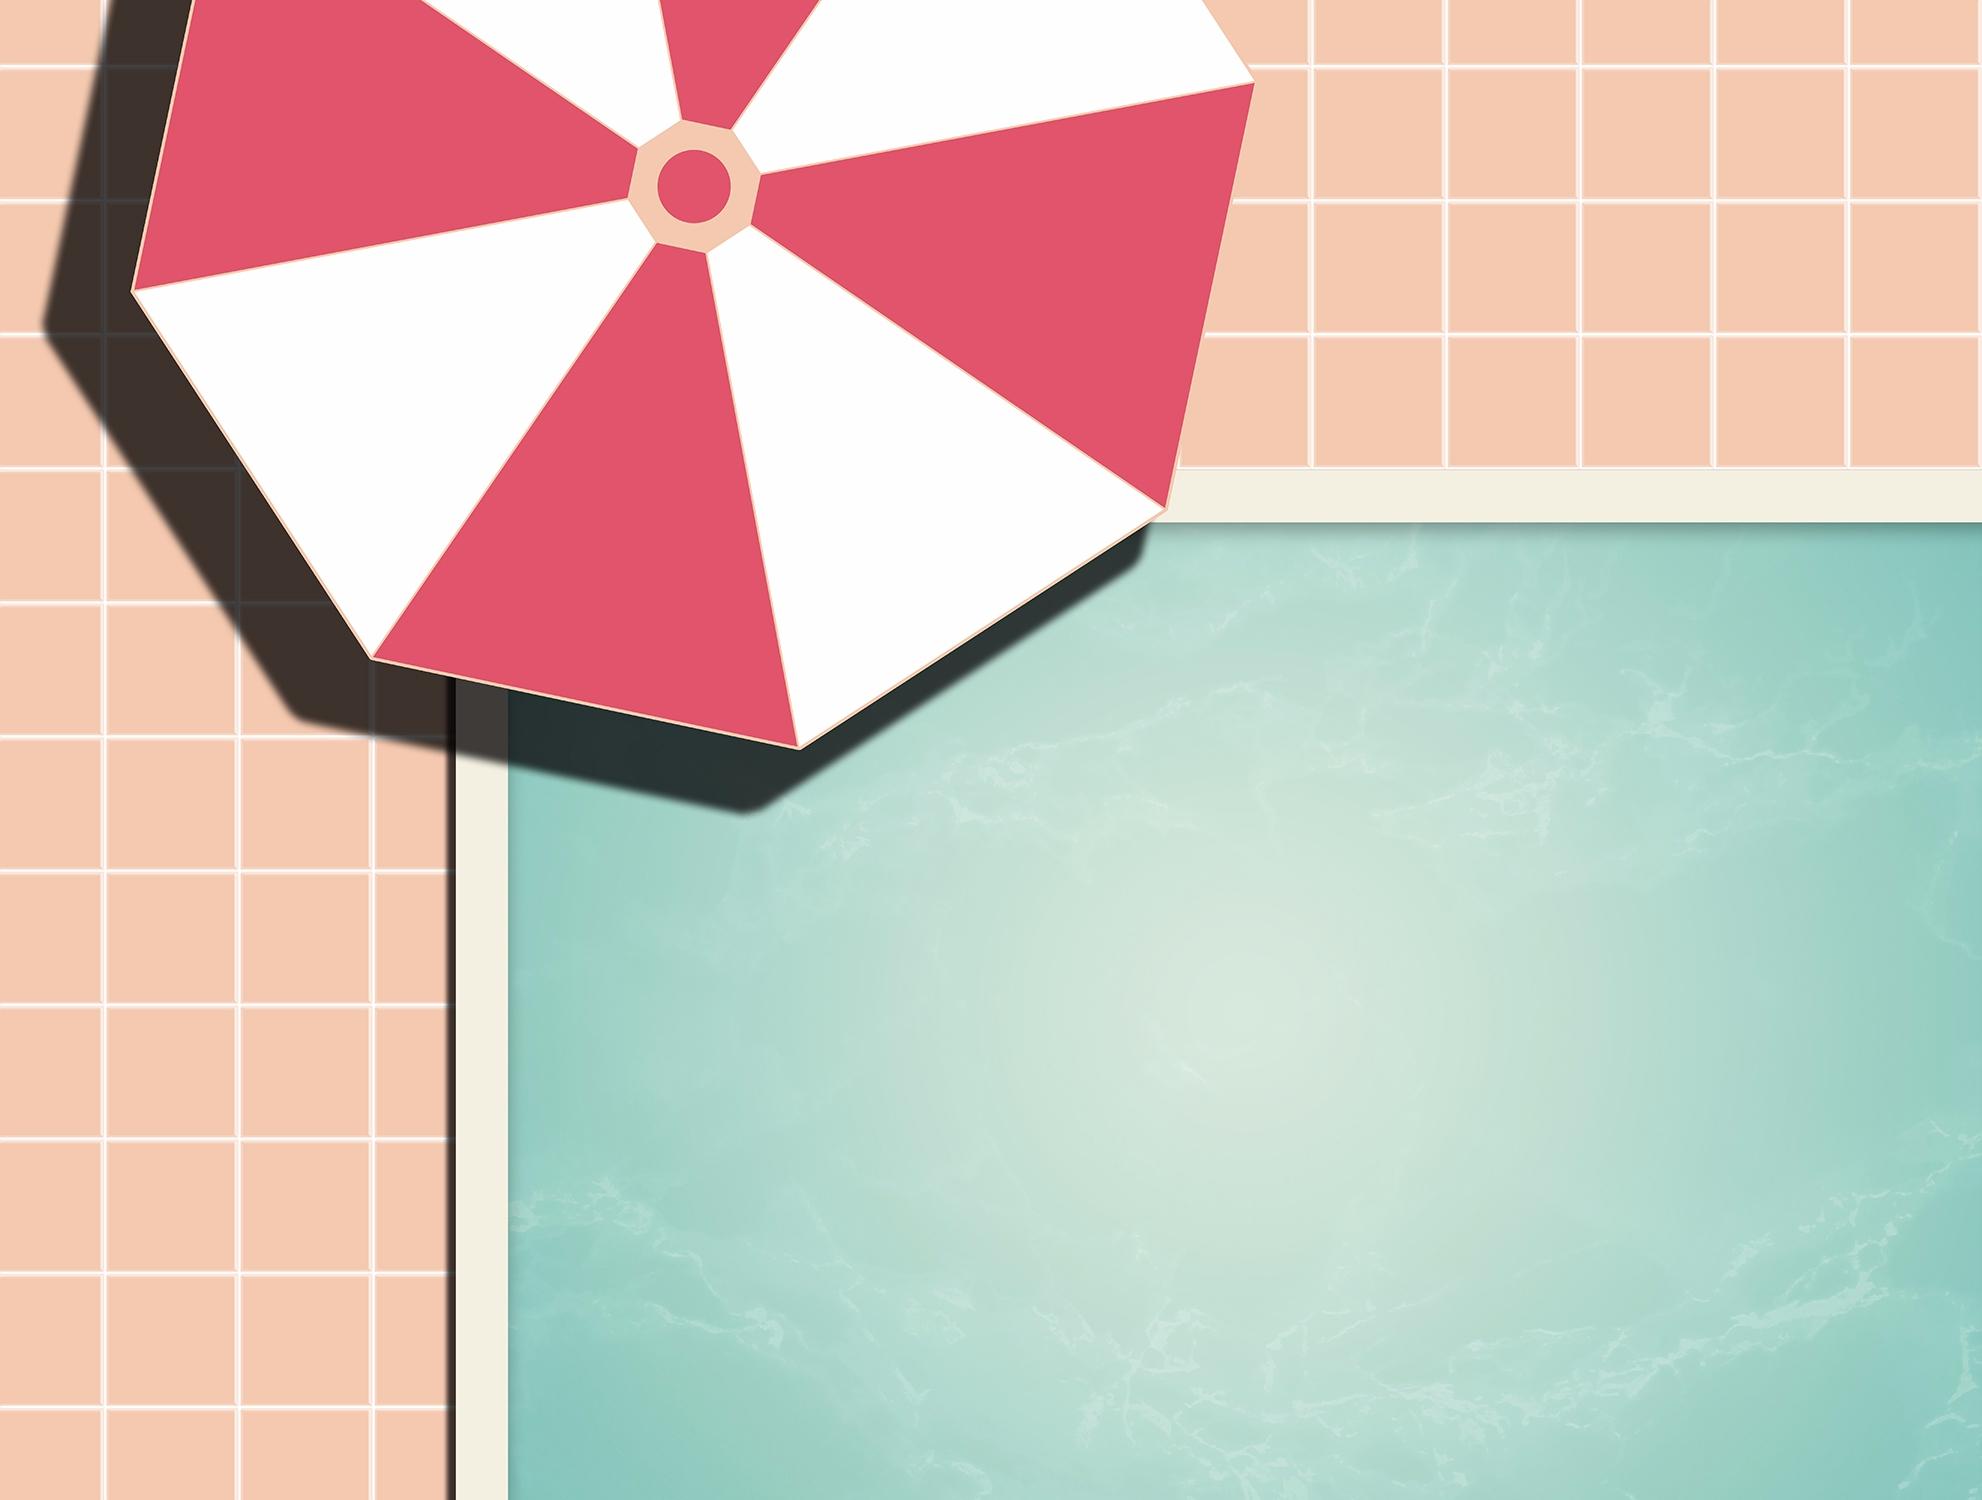 Private Pool swimming pool vect - designdn | ello